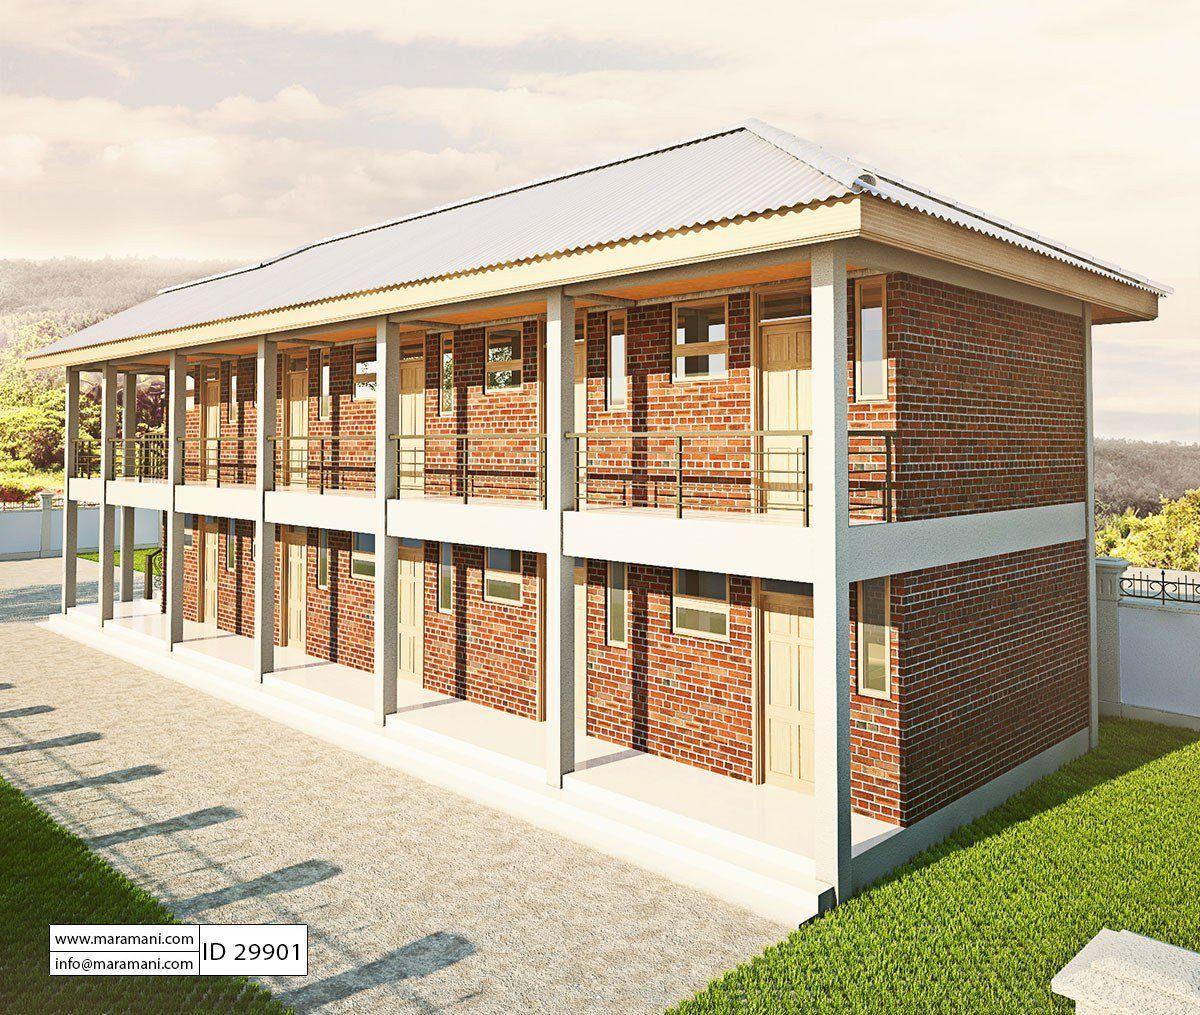 10 Bedroom Hostel Design Id 29901 House Plans Hostels Design